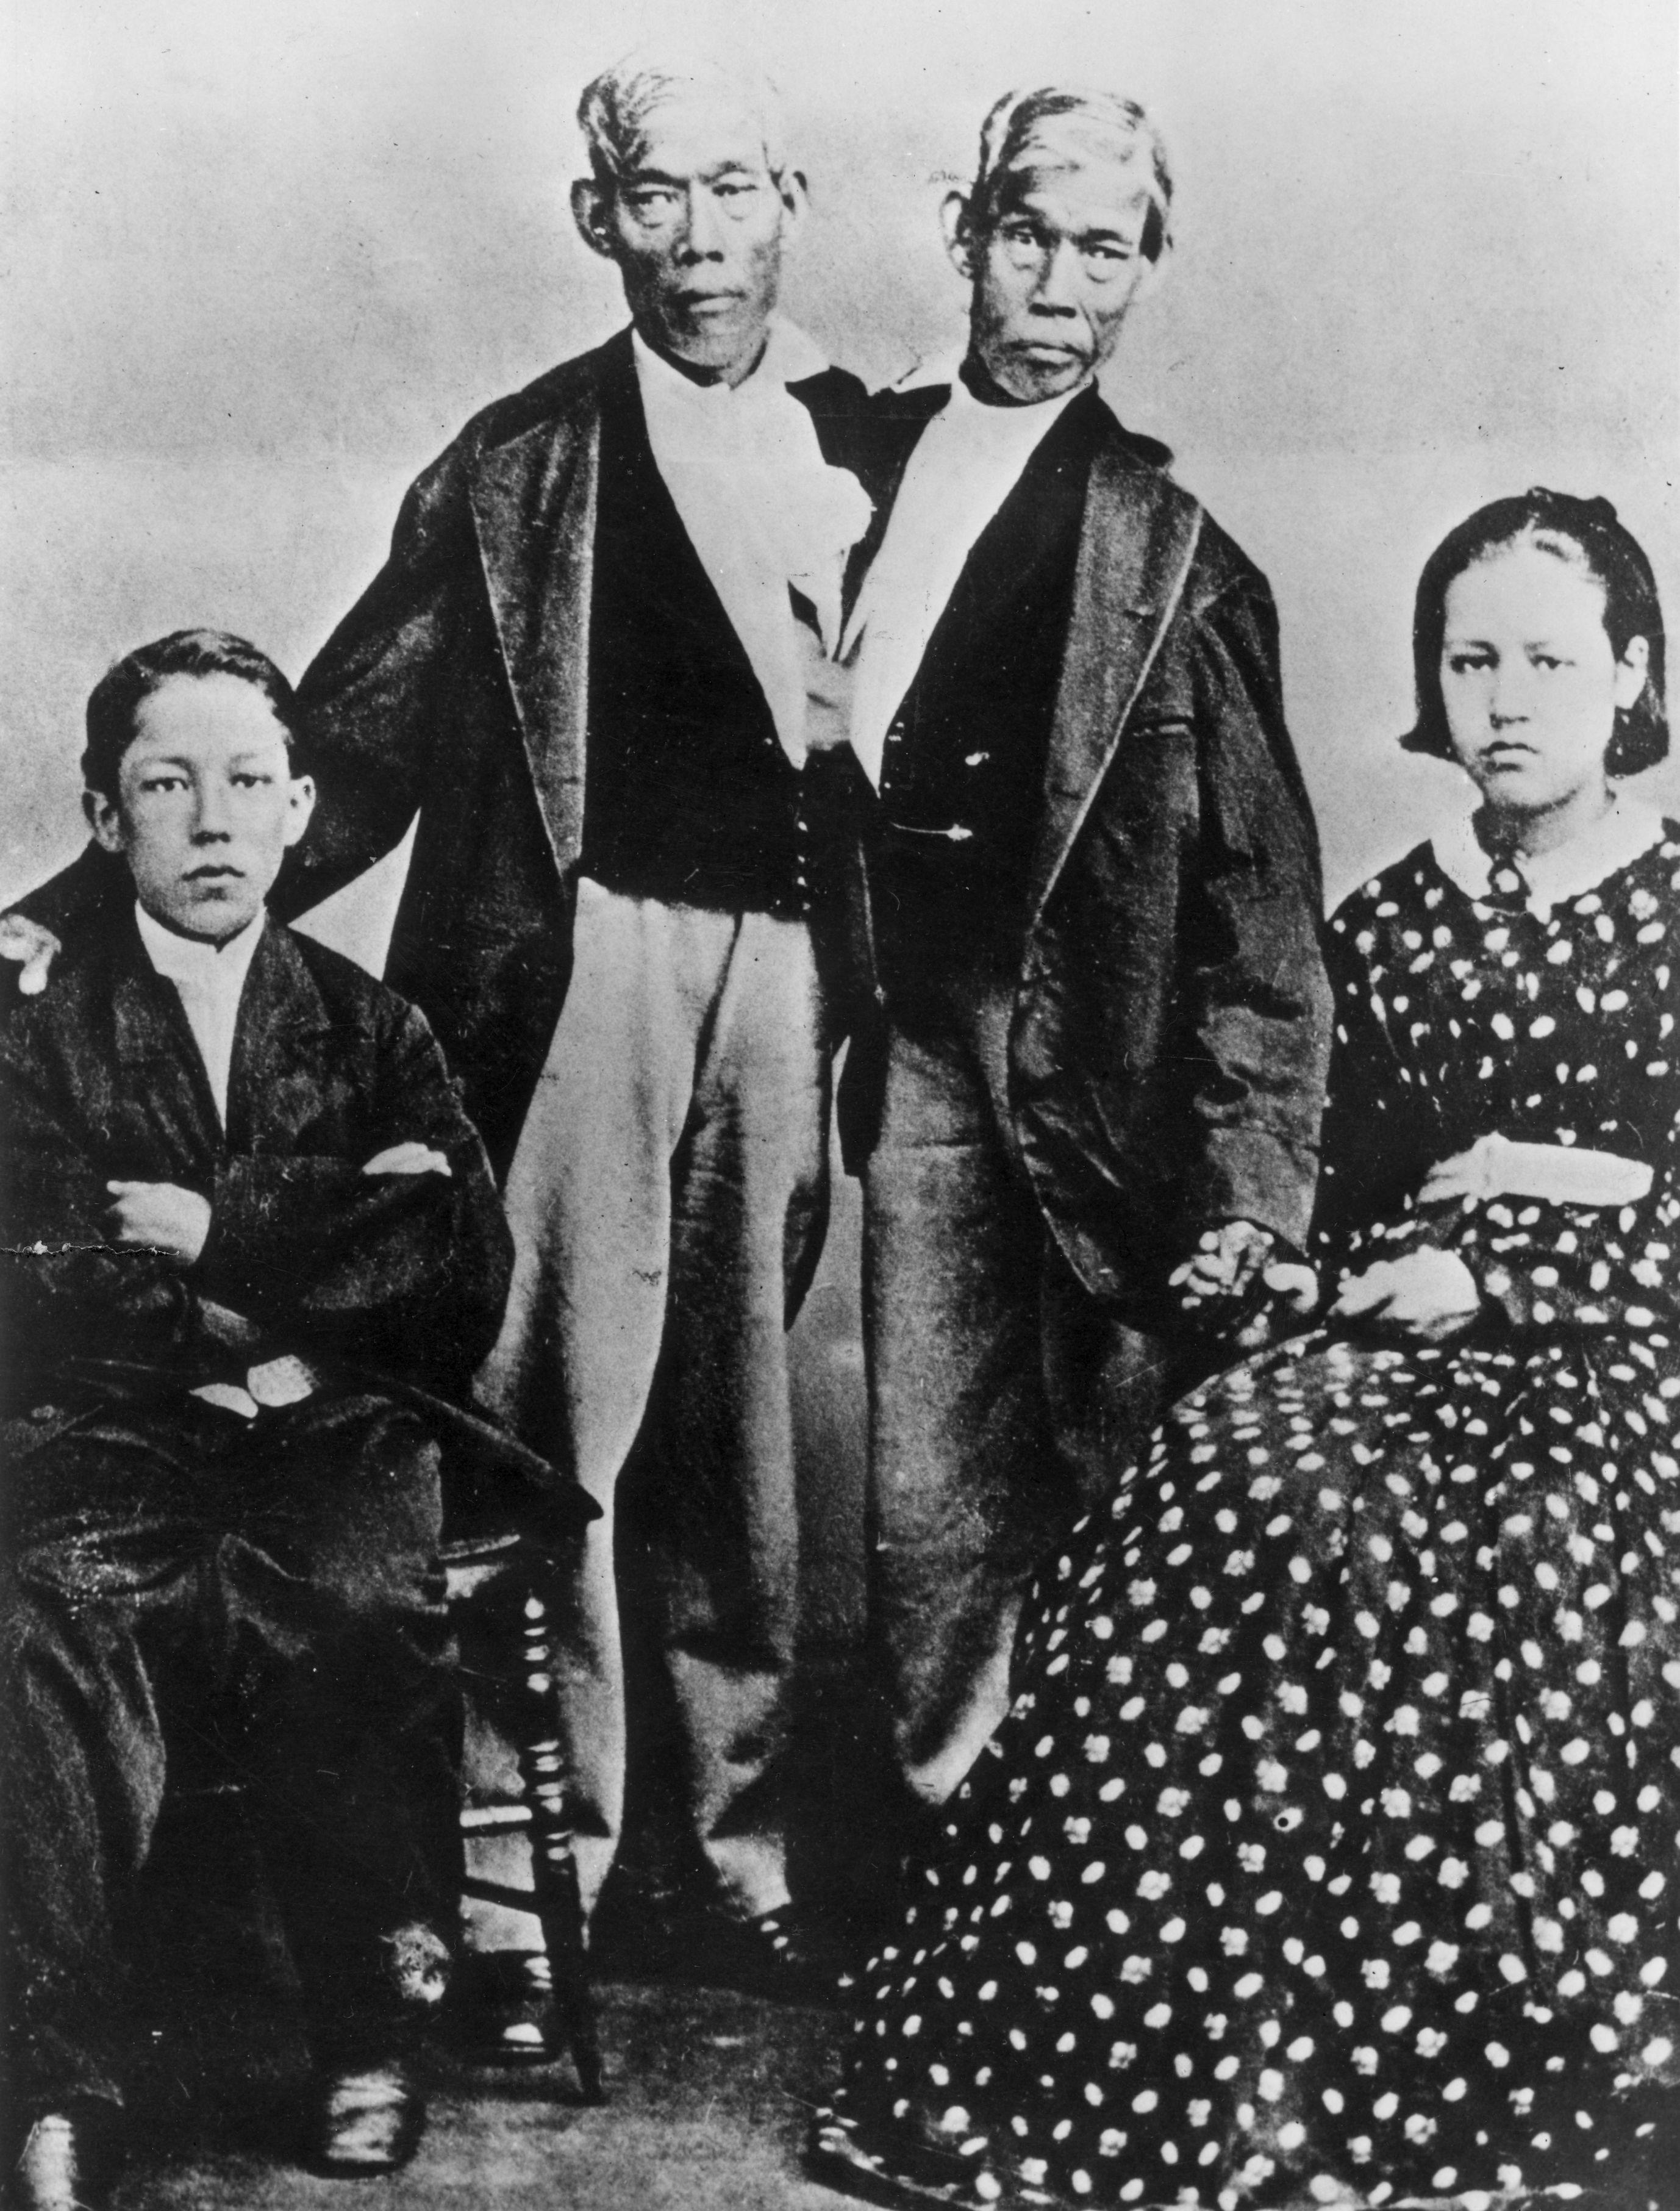 Bratia Bunkerovci s deťmi (Engov syn vľavo, Changova dcéra vpravo)